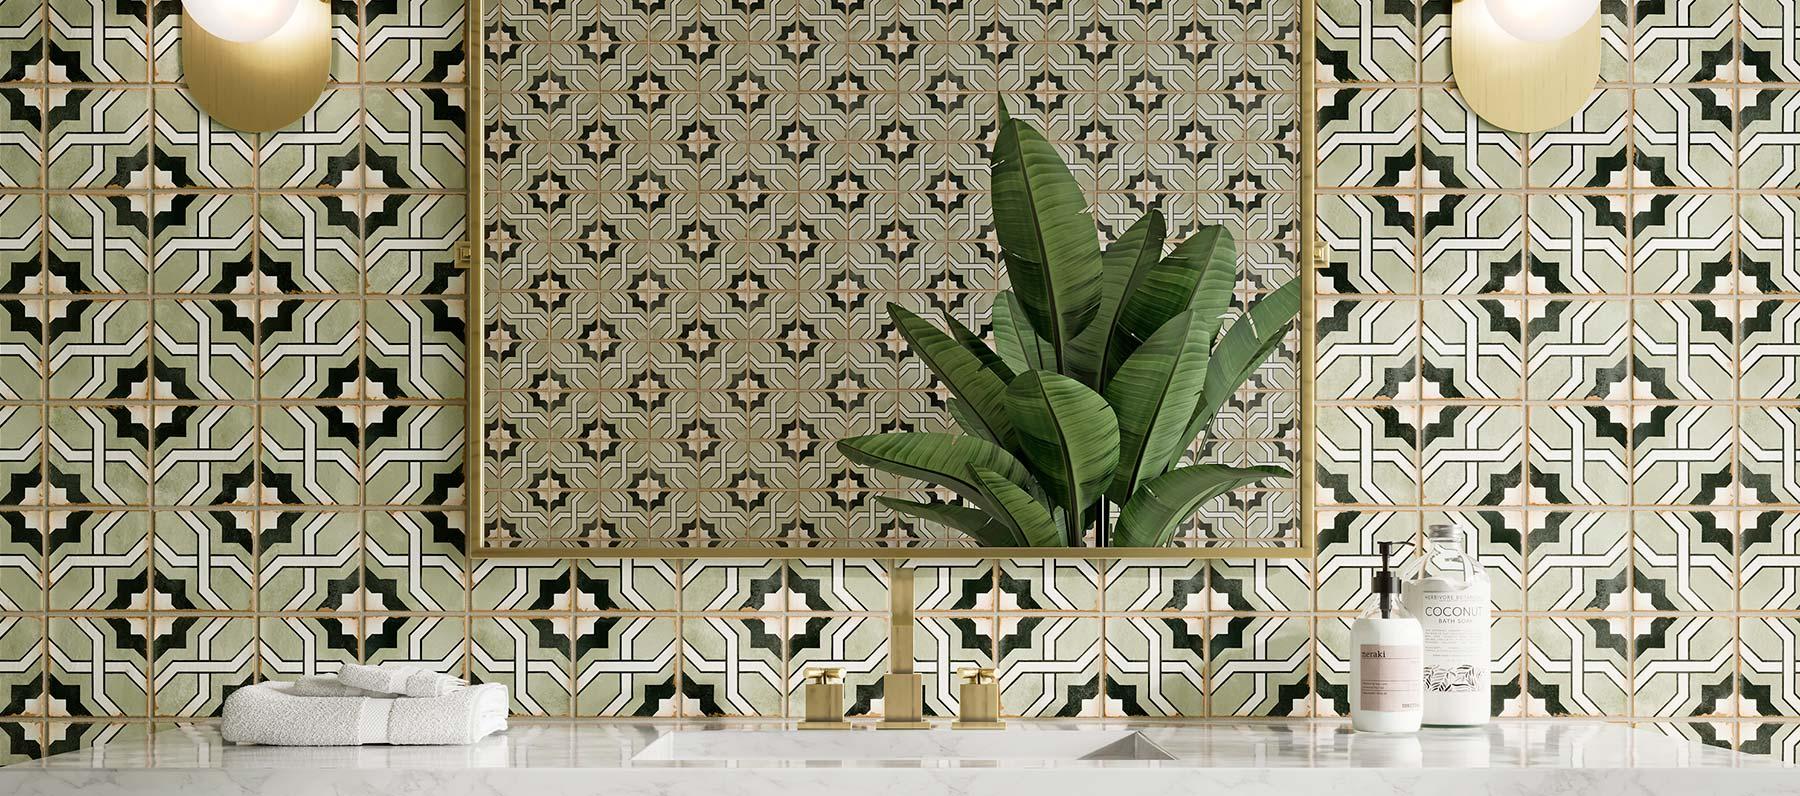 piastrelle bagno marocchine